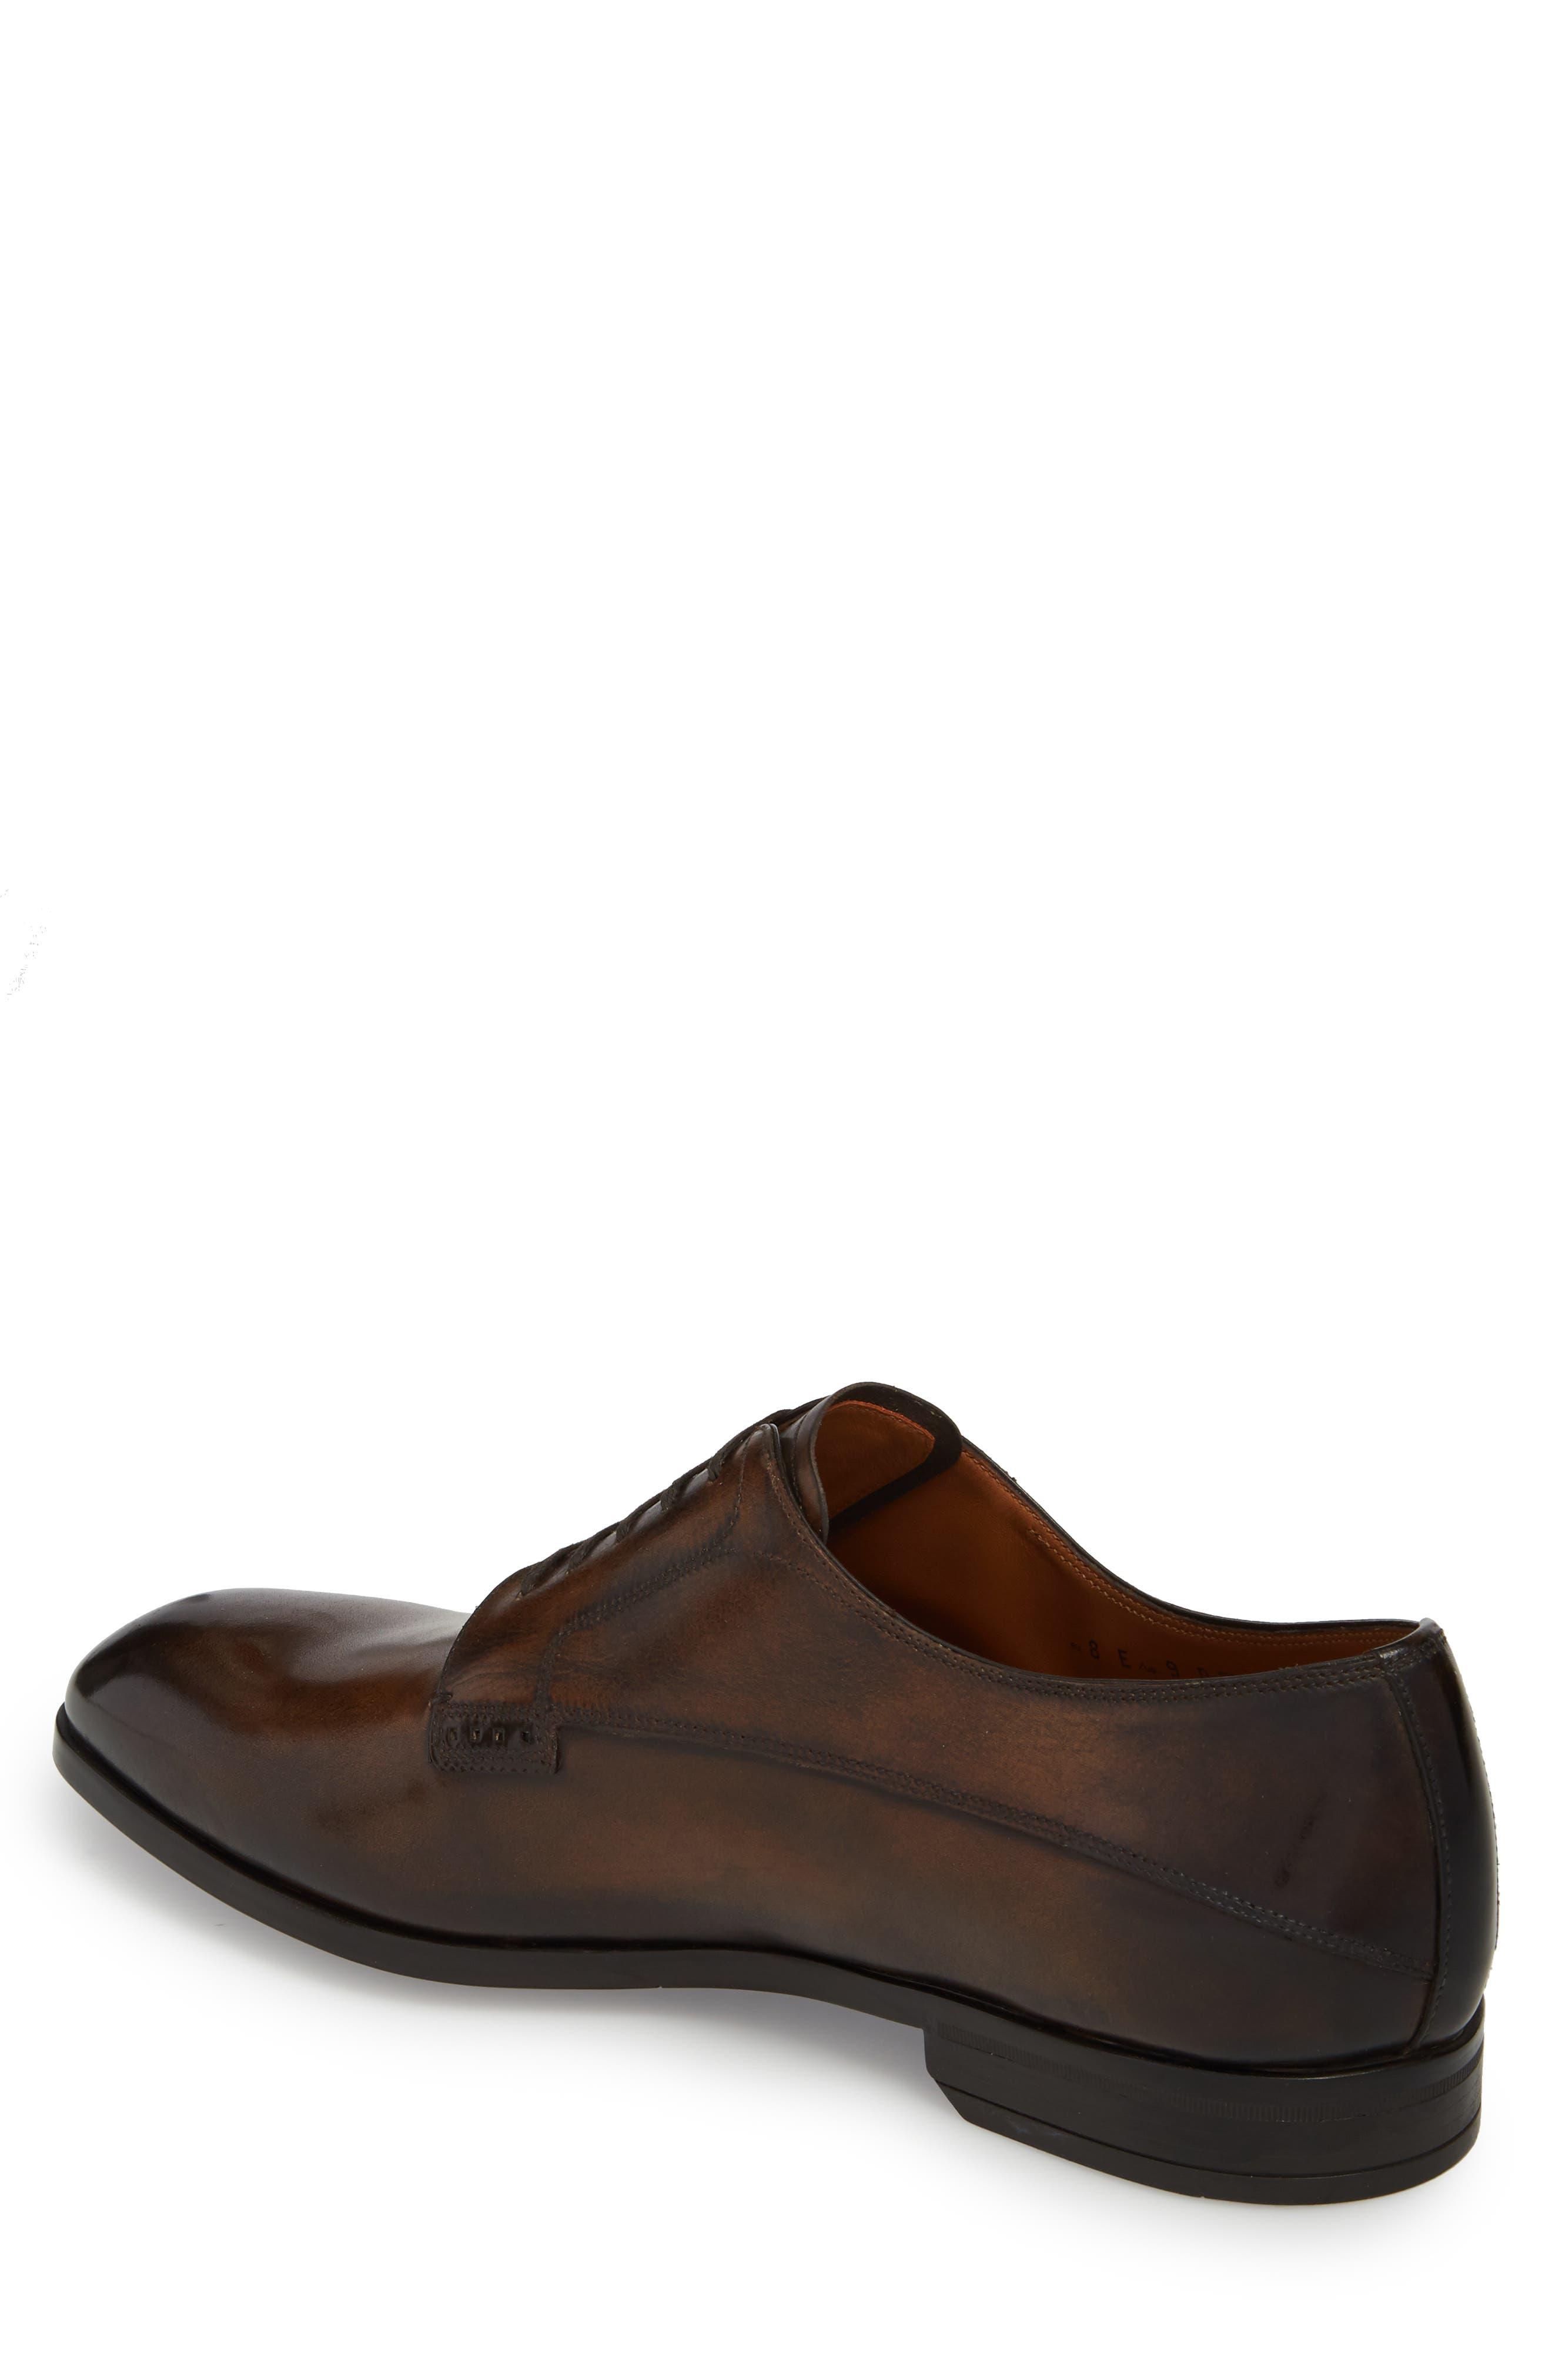 Lantel Plain Toe Derby,                             Alternate thumbnail 2, color,                             MID BROWN